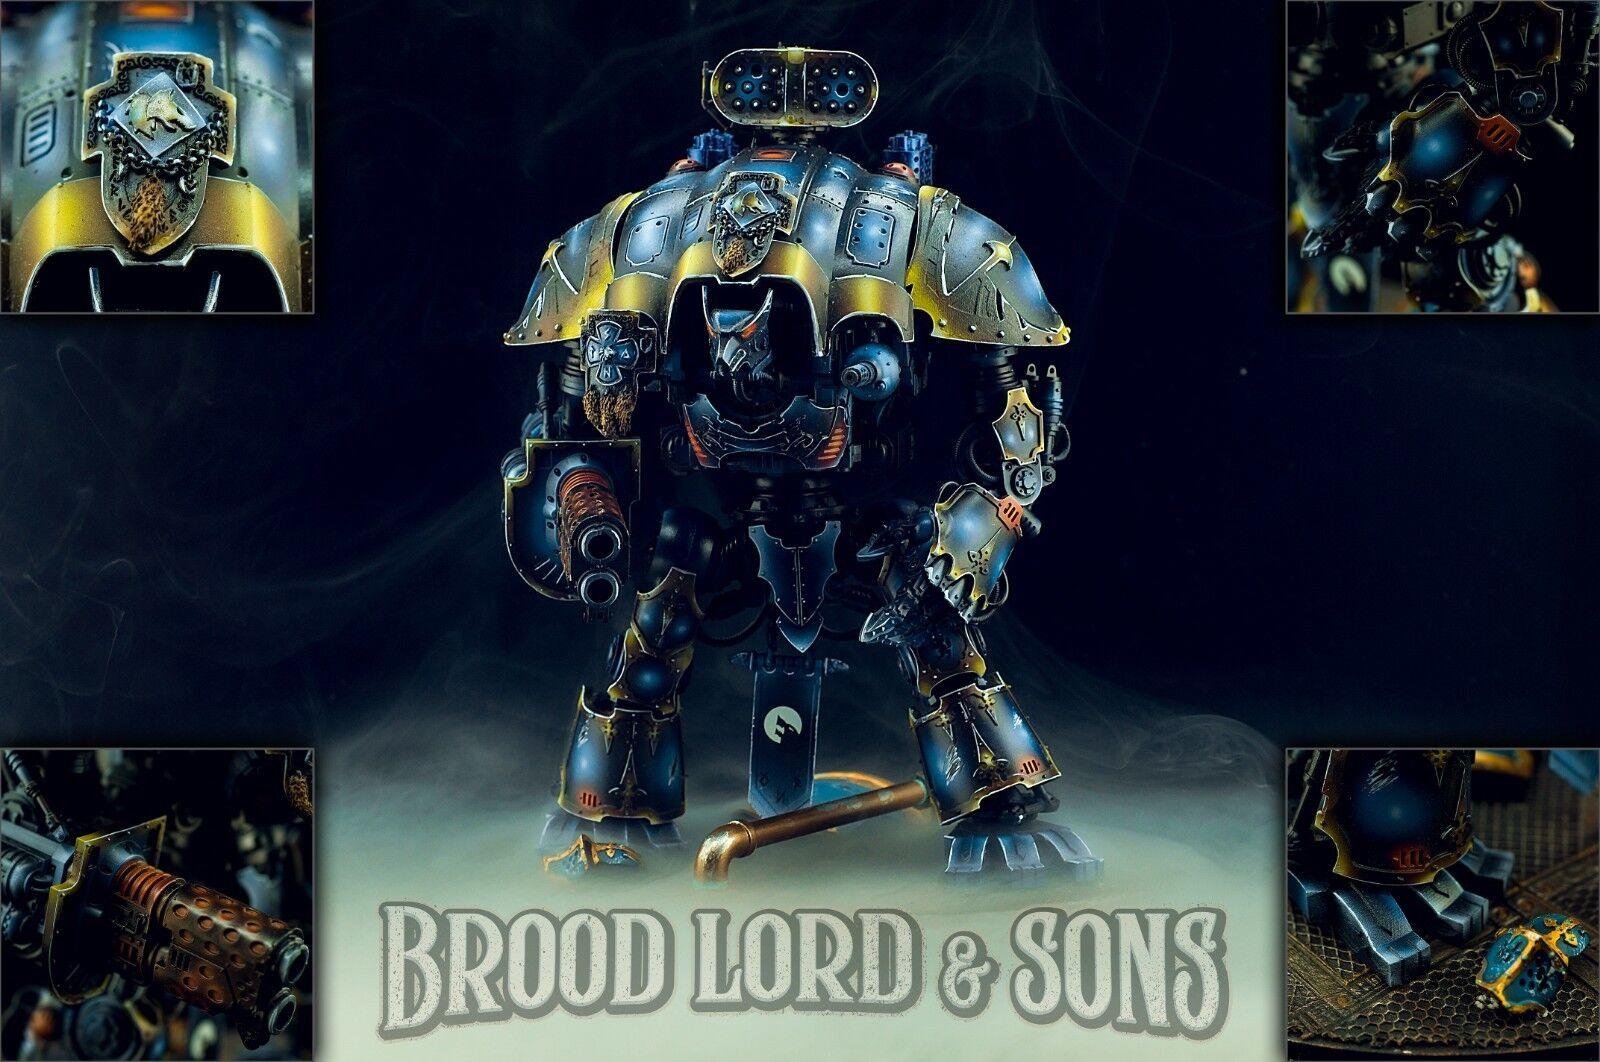 Lobos espaciales warhammer 40k-Caballero Imperial completamente completamente completamente magnetizada pintado de comisión  minoristas en línea